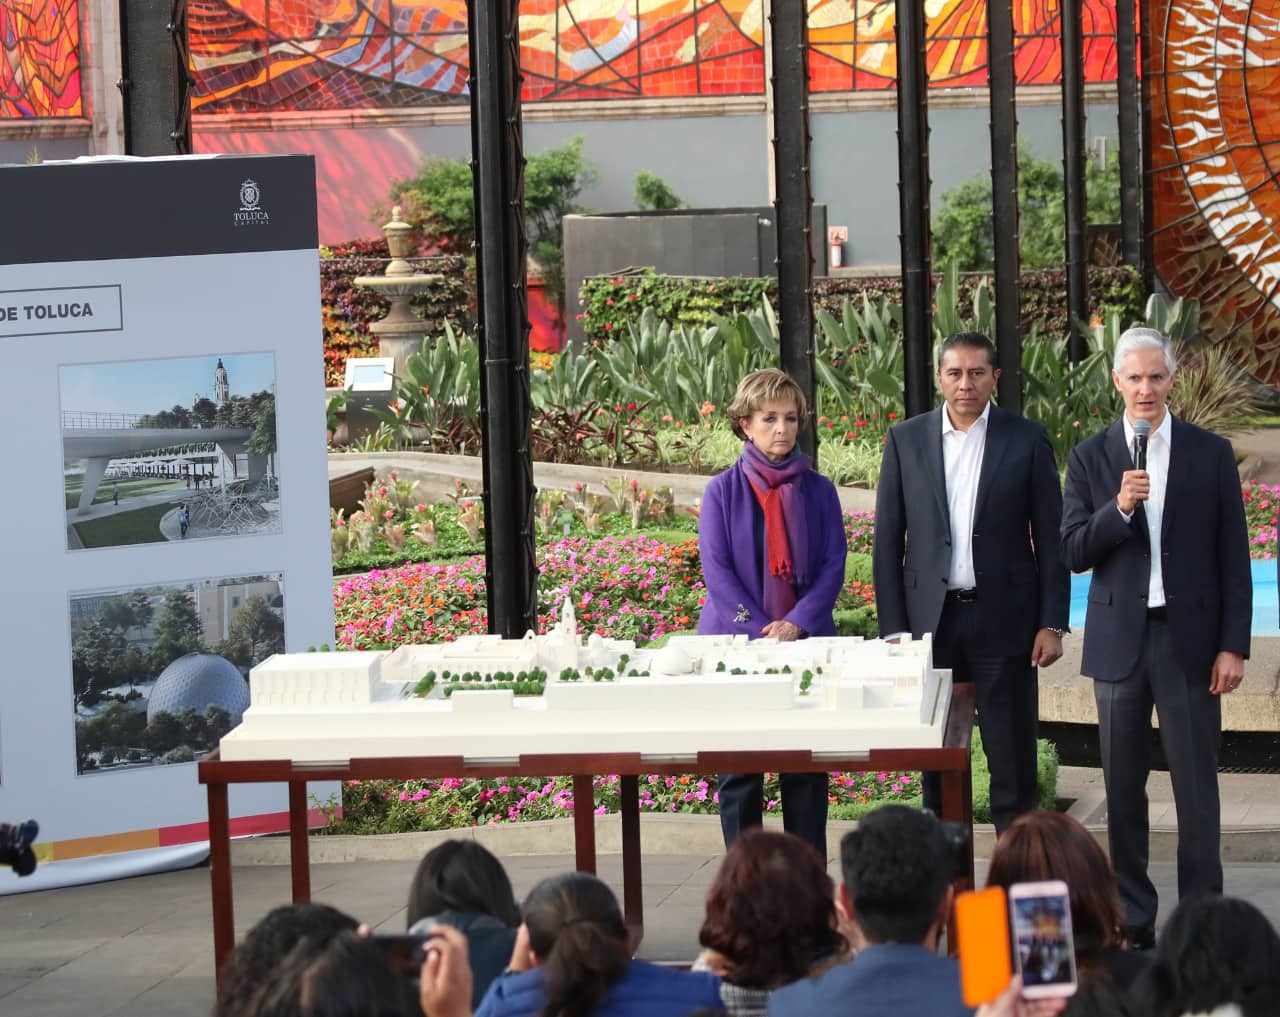 Nuevo Parque y Planetario de Toluca frente a Cosmovitral